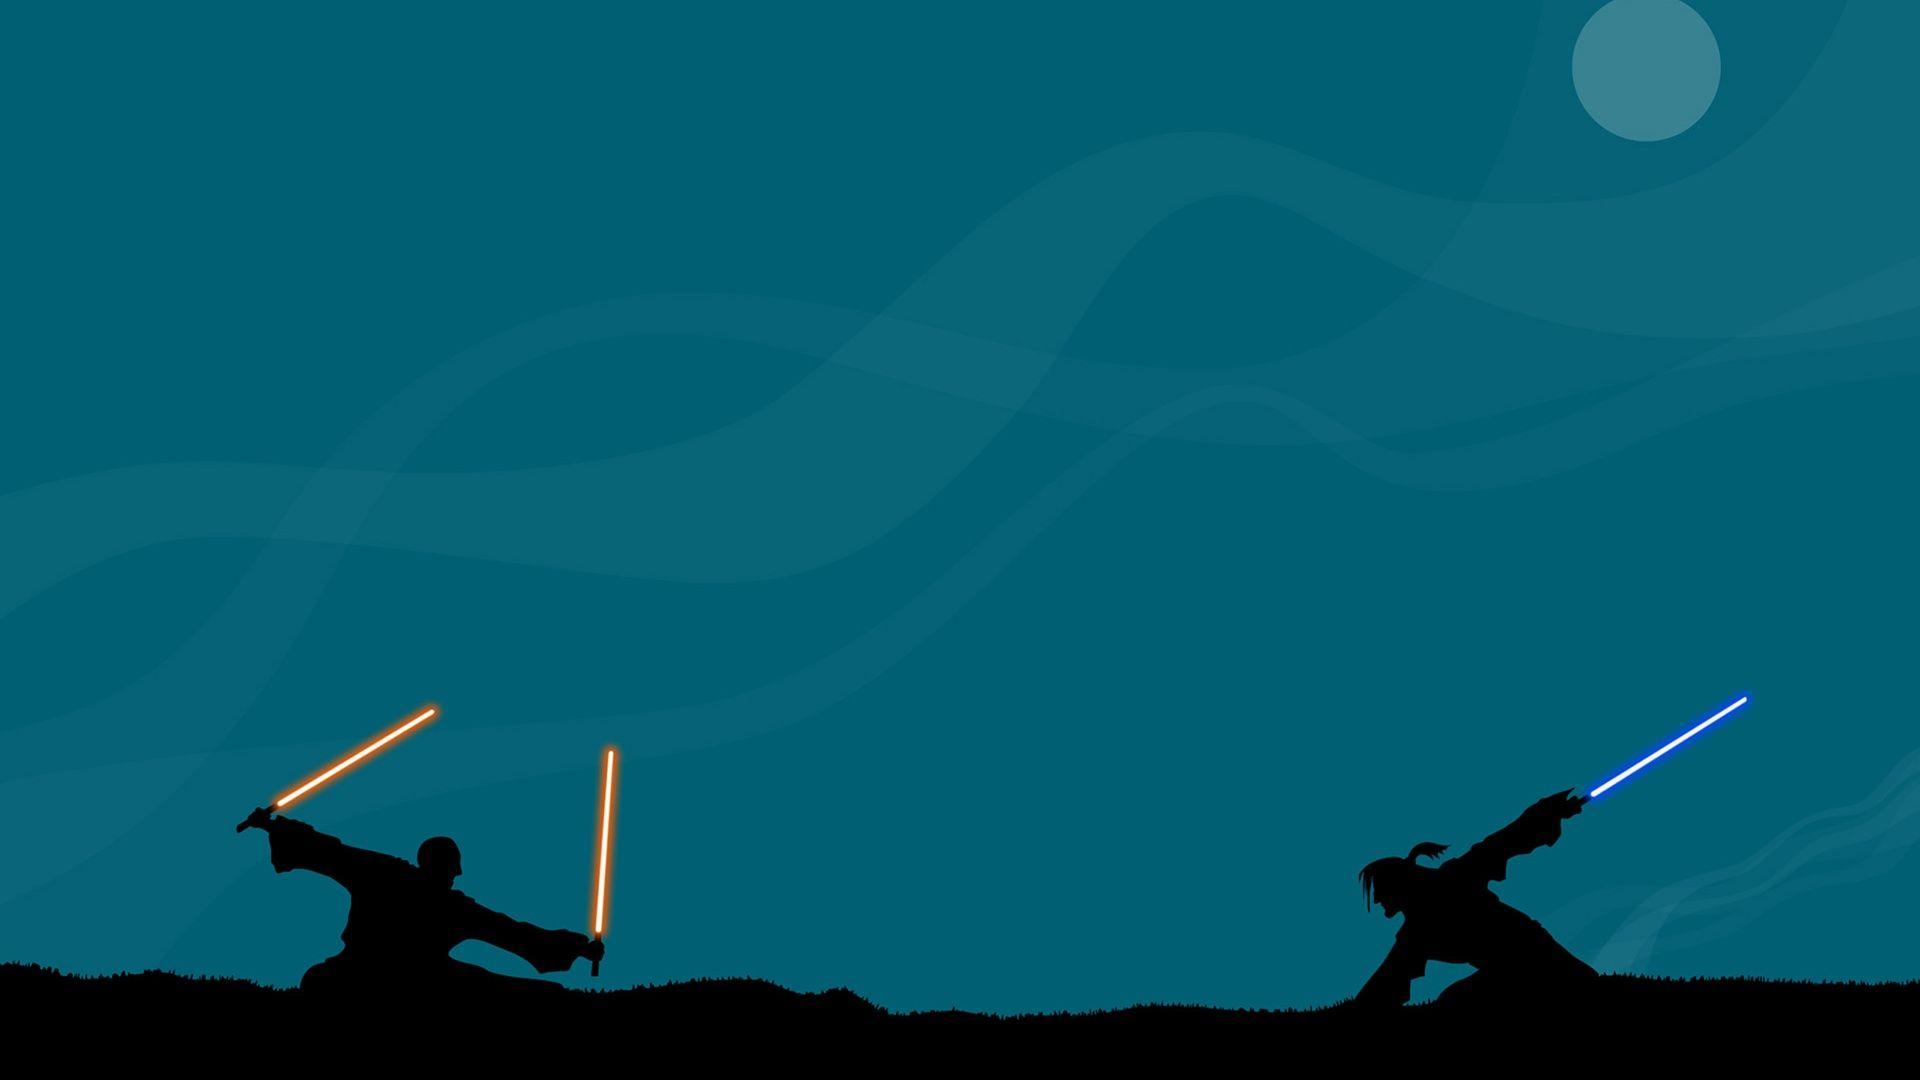 Wallpaper Star Wars Star Wars The Last Jedi Star Wars Battlefront Rogue One A Star Wars Story Star Wars The Force Awakens Minimalism Laser Swords Moon 1920x1080 Sarma 1151481 Hd Wallpapers Wallhere